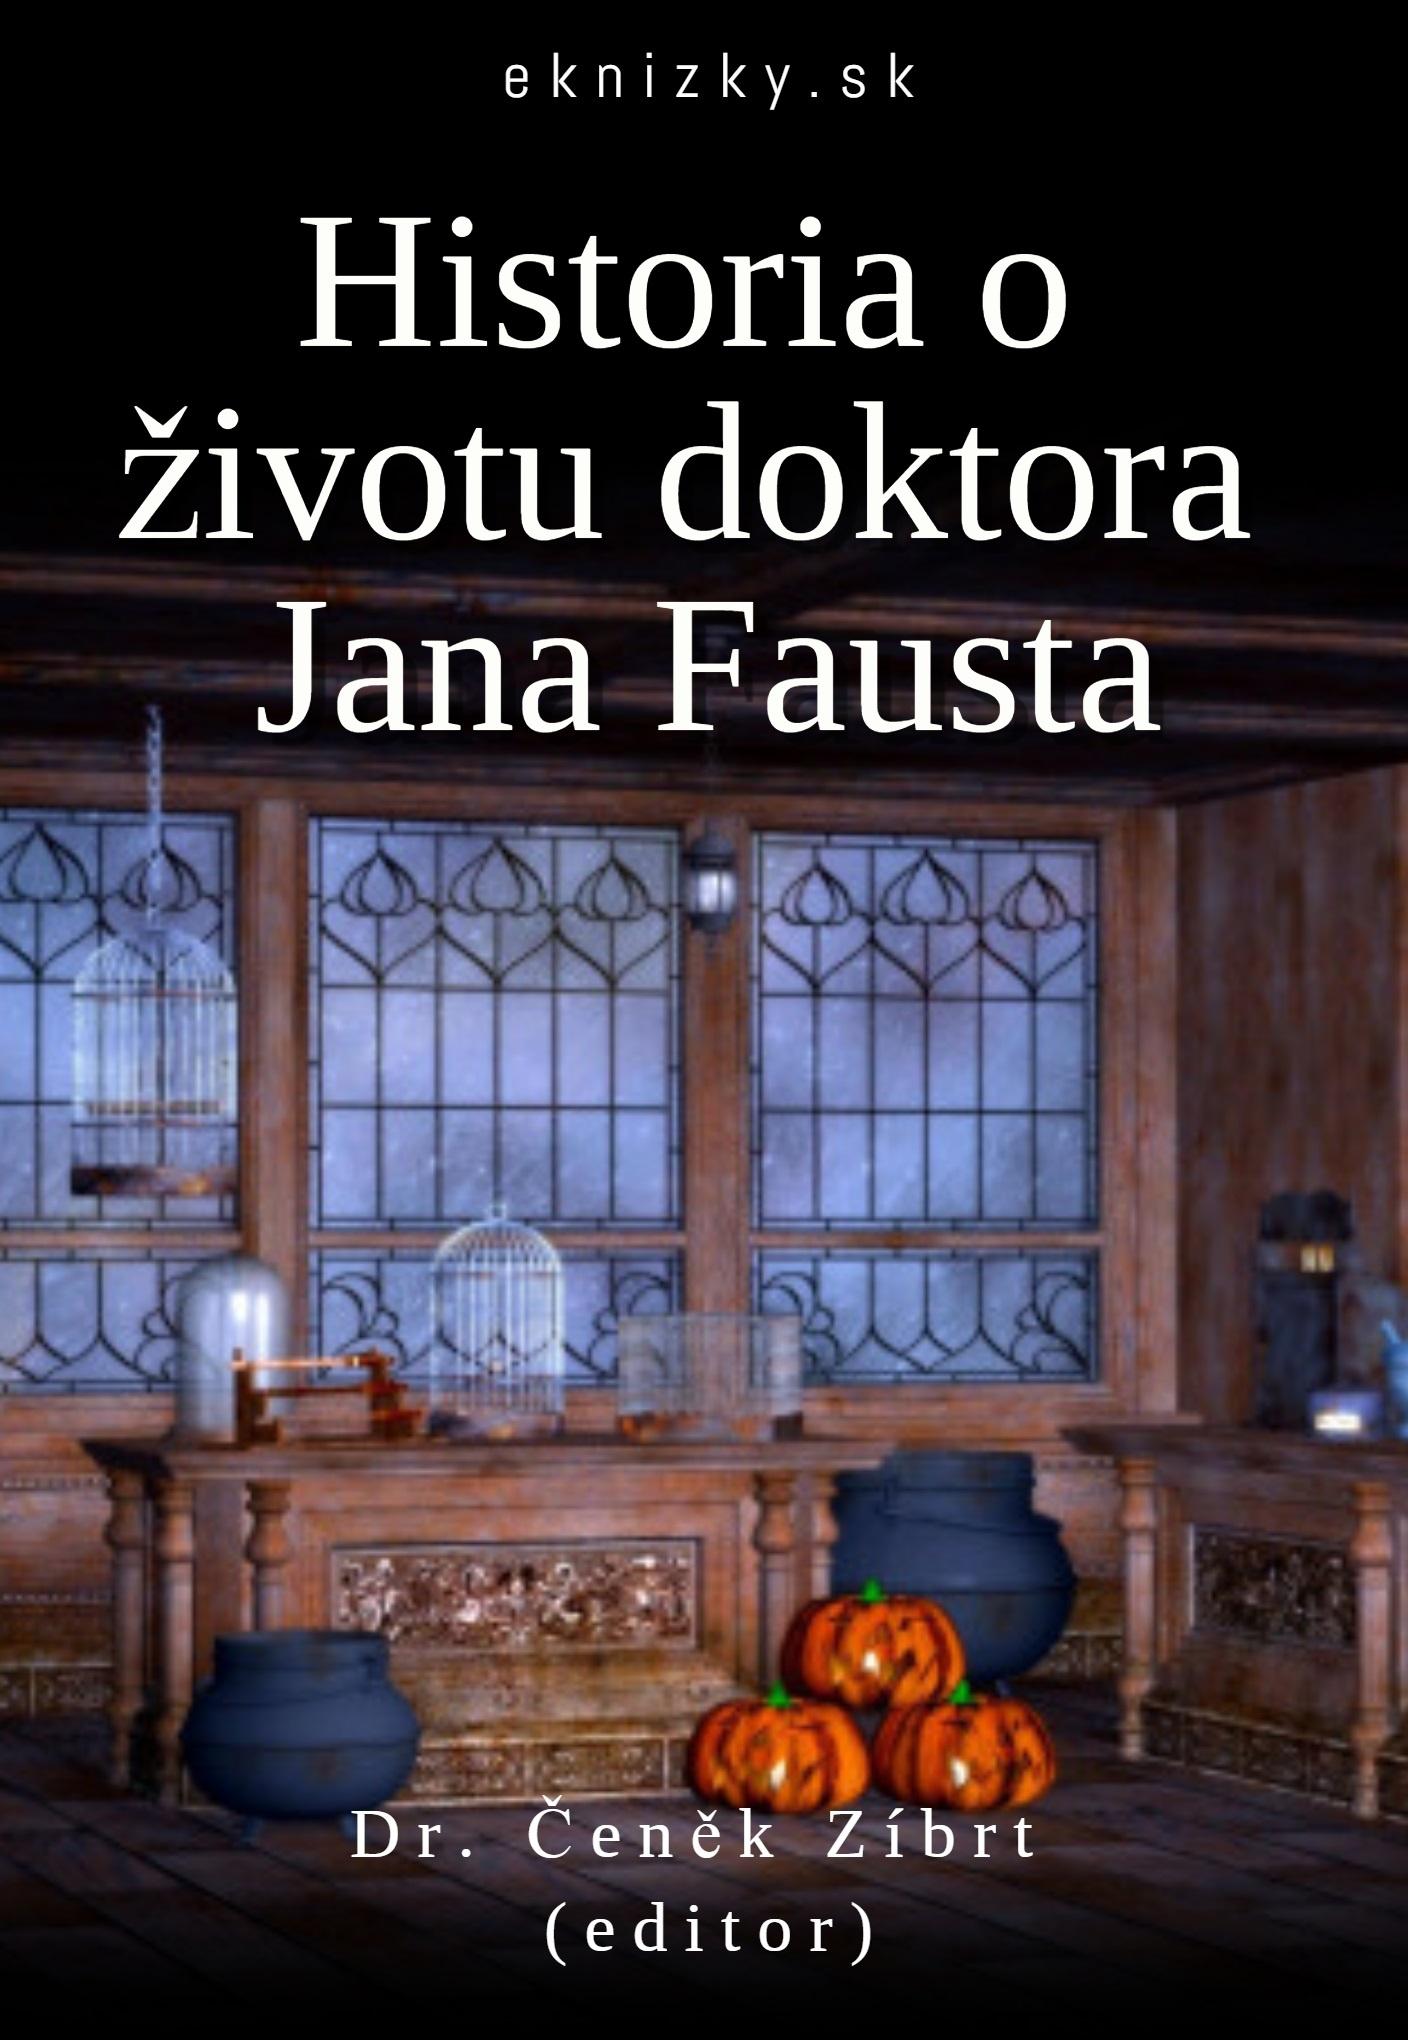 Historia o životu doktora Jana Fausta